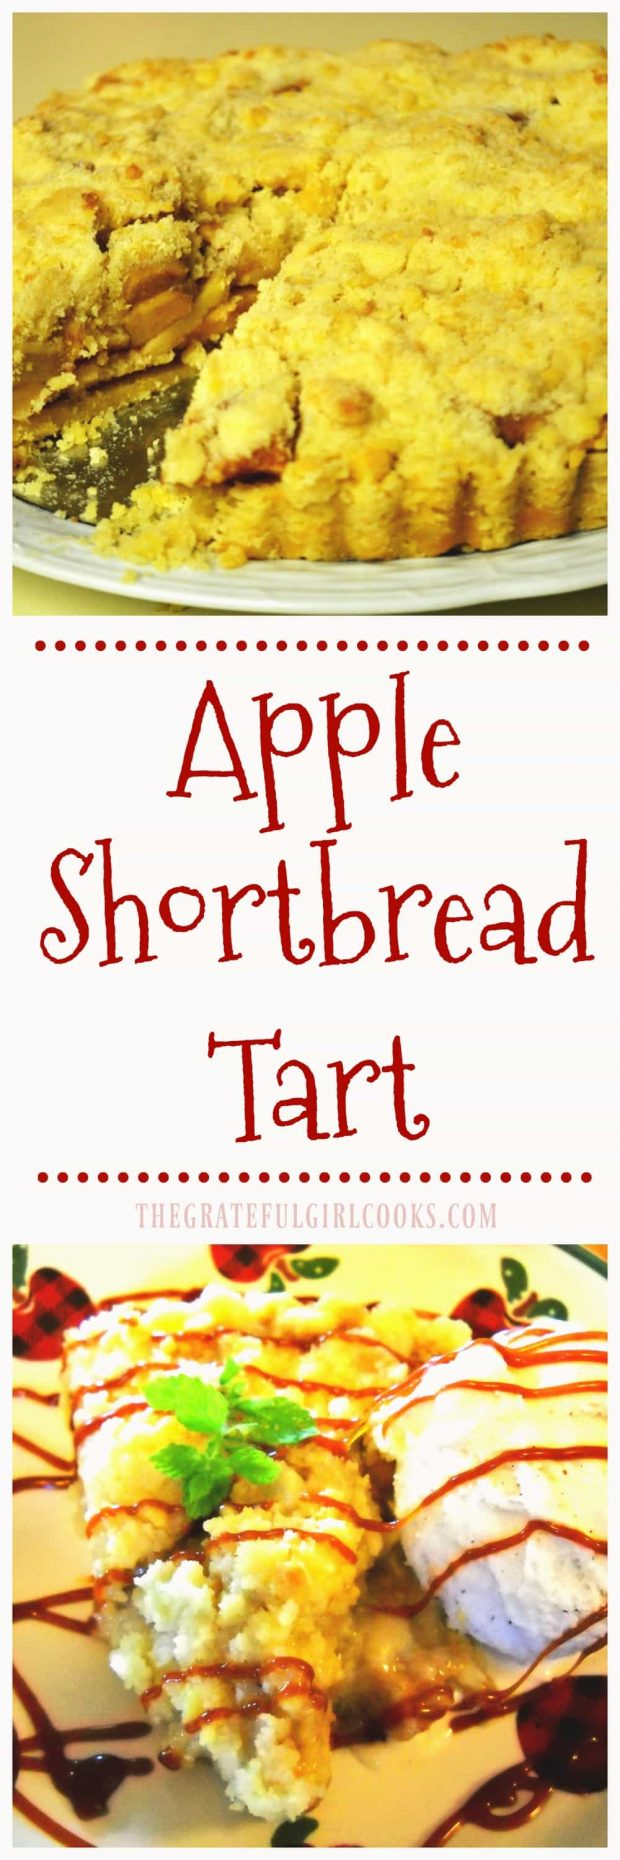 Long pin for Apple Shortbread Tart / The Grateful Girl Cooks!